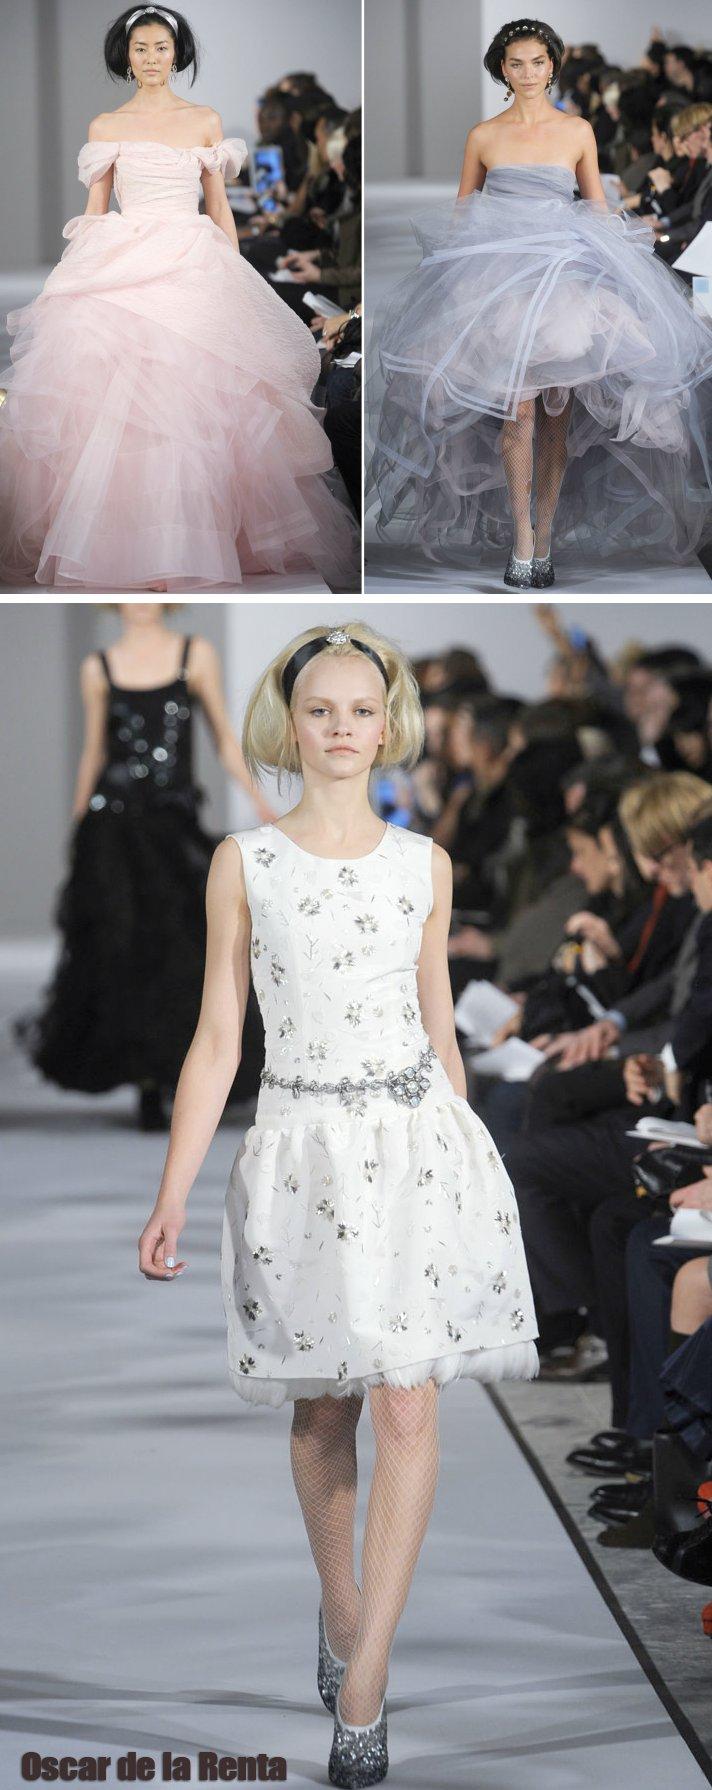 Oscar-de-la-renta-spring-2012-rtw-non-white-wedding-dresses-little-white-dress.full